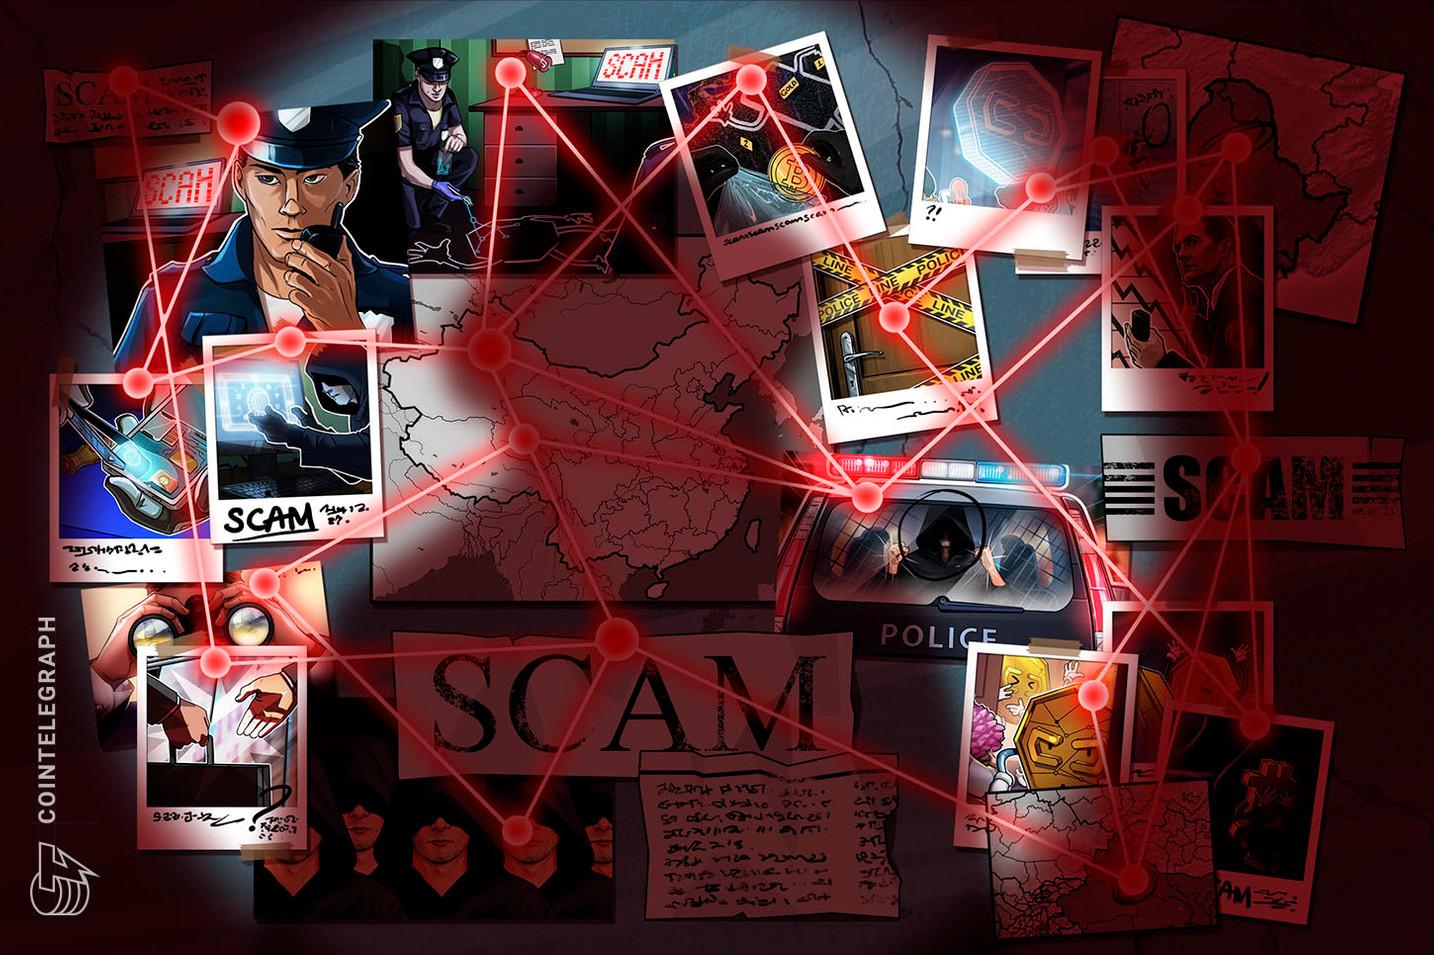 """Criptocrimen en China: Sigue ocupando el """"primer puesto"""" en cuanto a actividades ilícitas, pero la delincuencia está disminuyendo"""